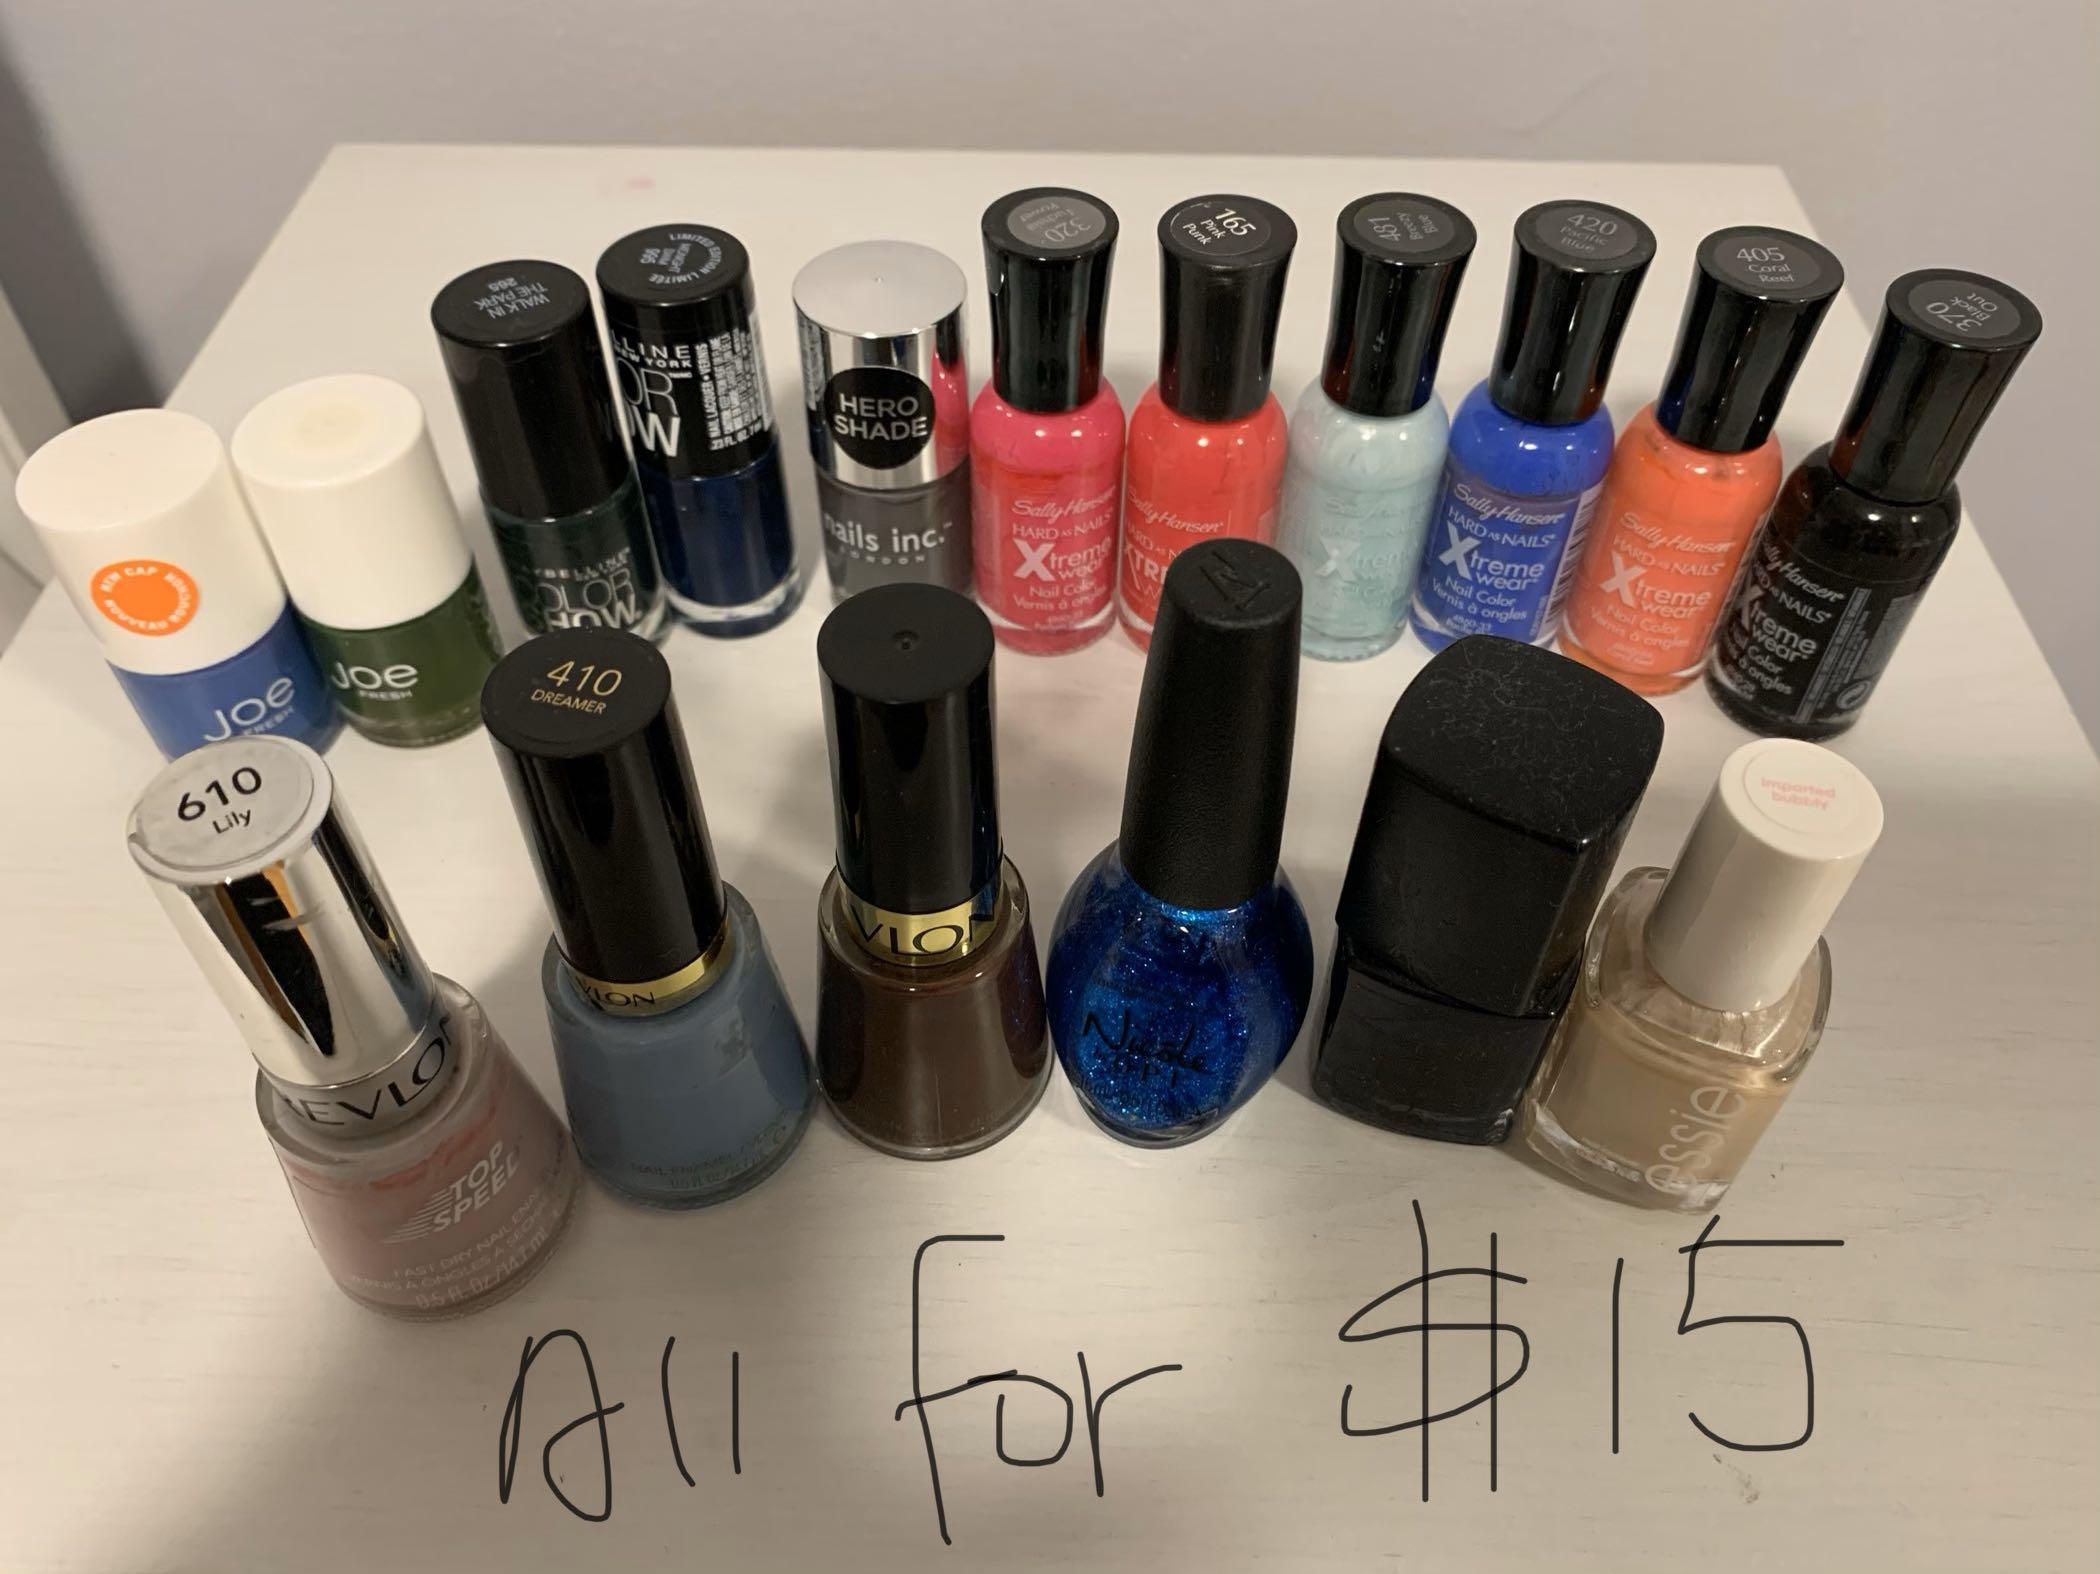 Nail polish: NARS, essie, Revlon, Sally Hansen, Joe, Maybelline